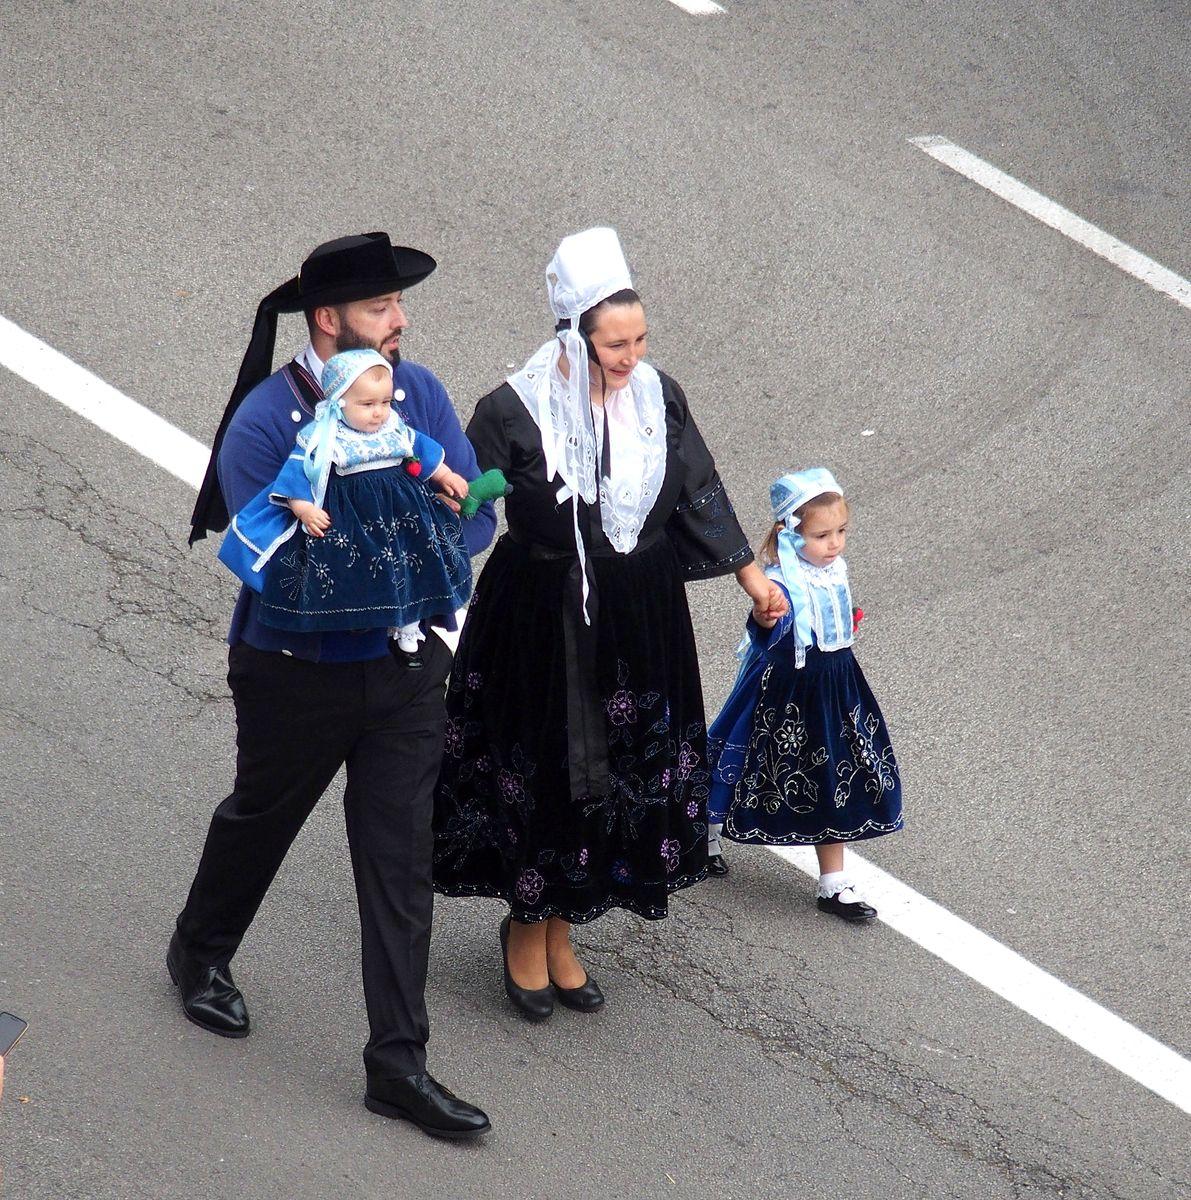 Famille bretonne Festival de Cornouaille Quimper